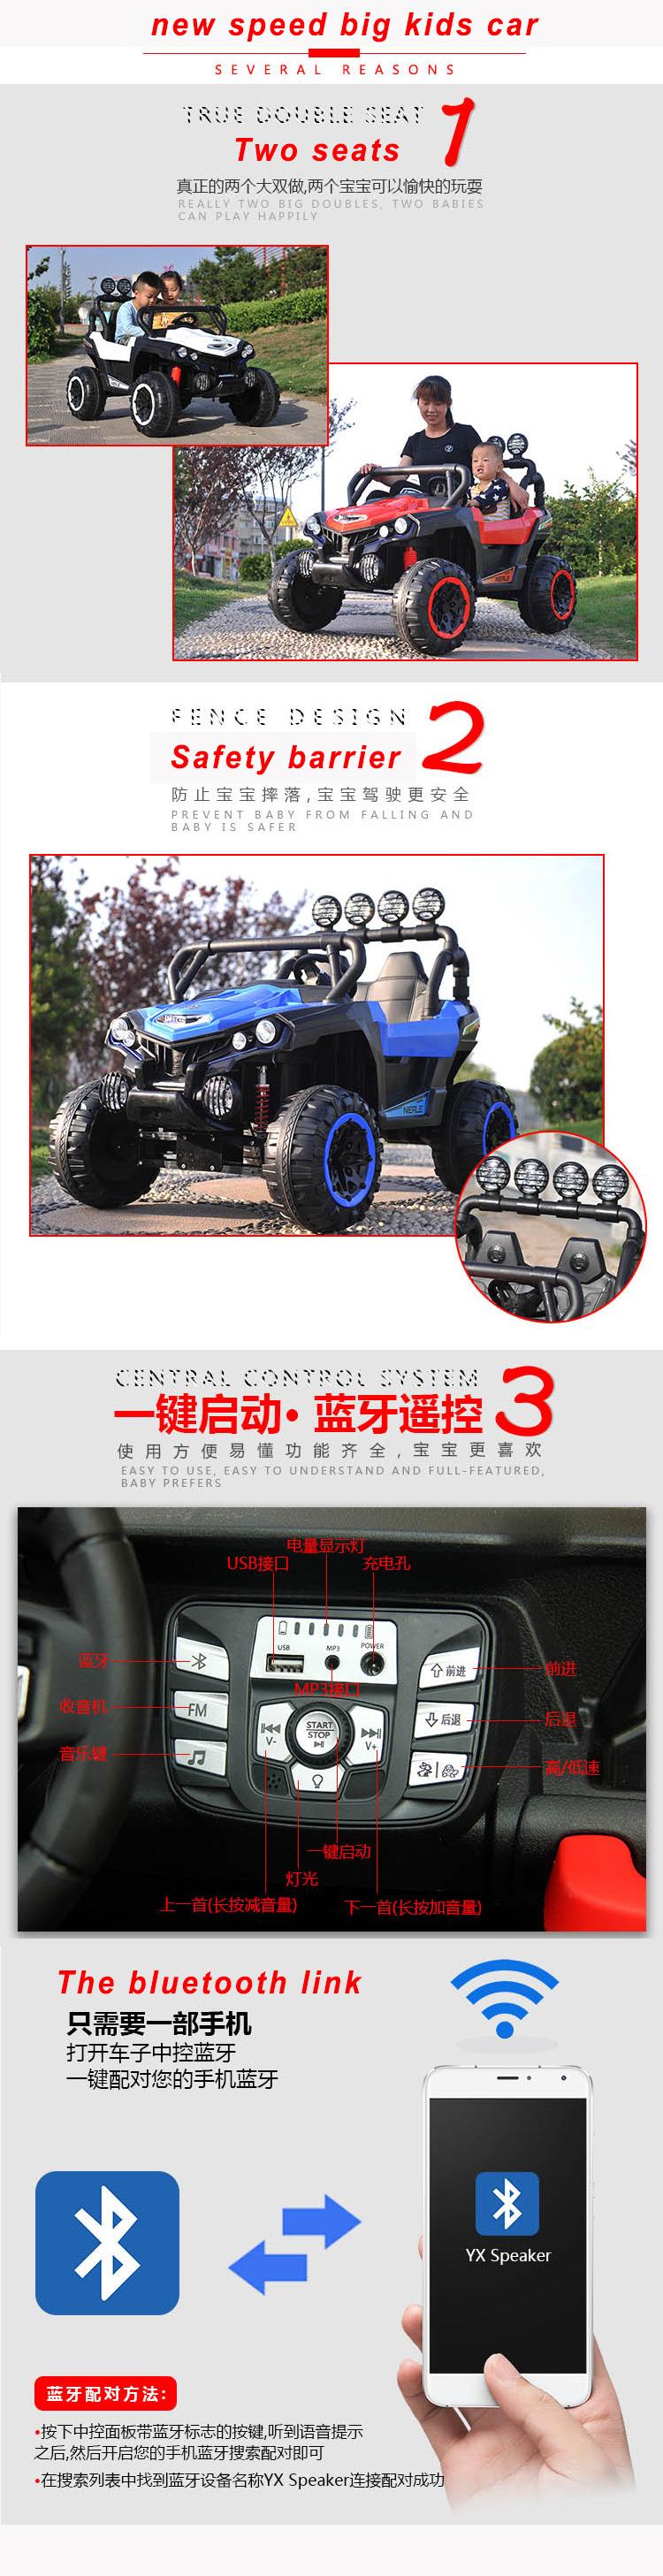 เด็กรถรถยนต์ไฟฟ้าของเล่นสำหรับเด็กcarkidsรถยนต์ไฟฟ้าสำหรับ10ปีเก่า